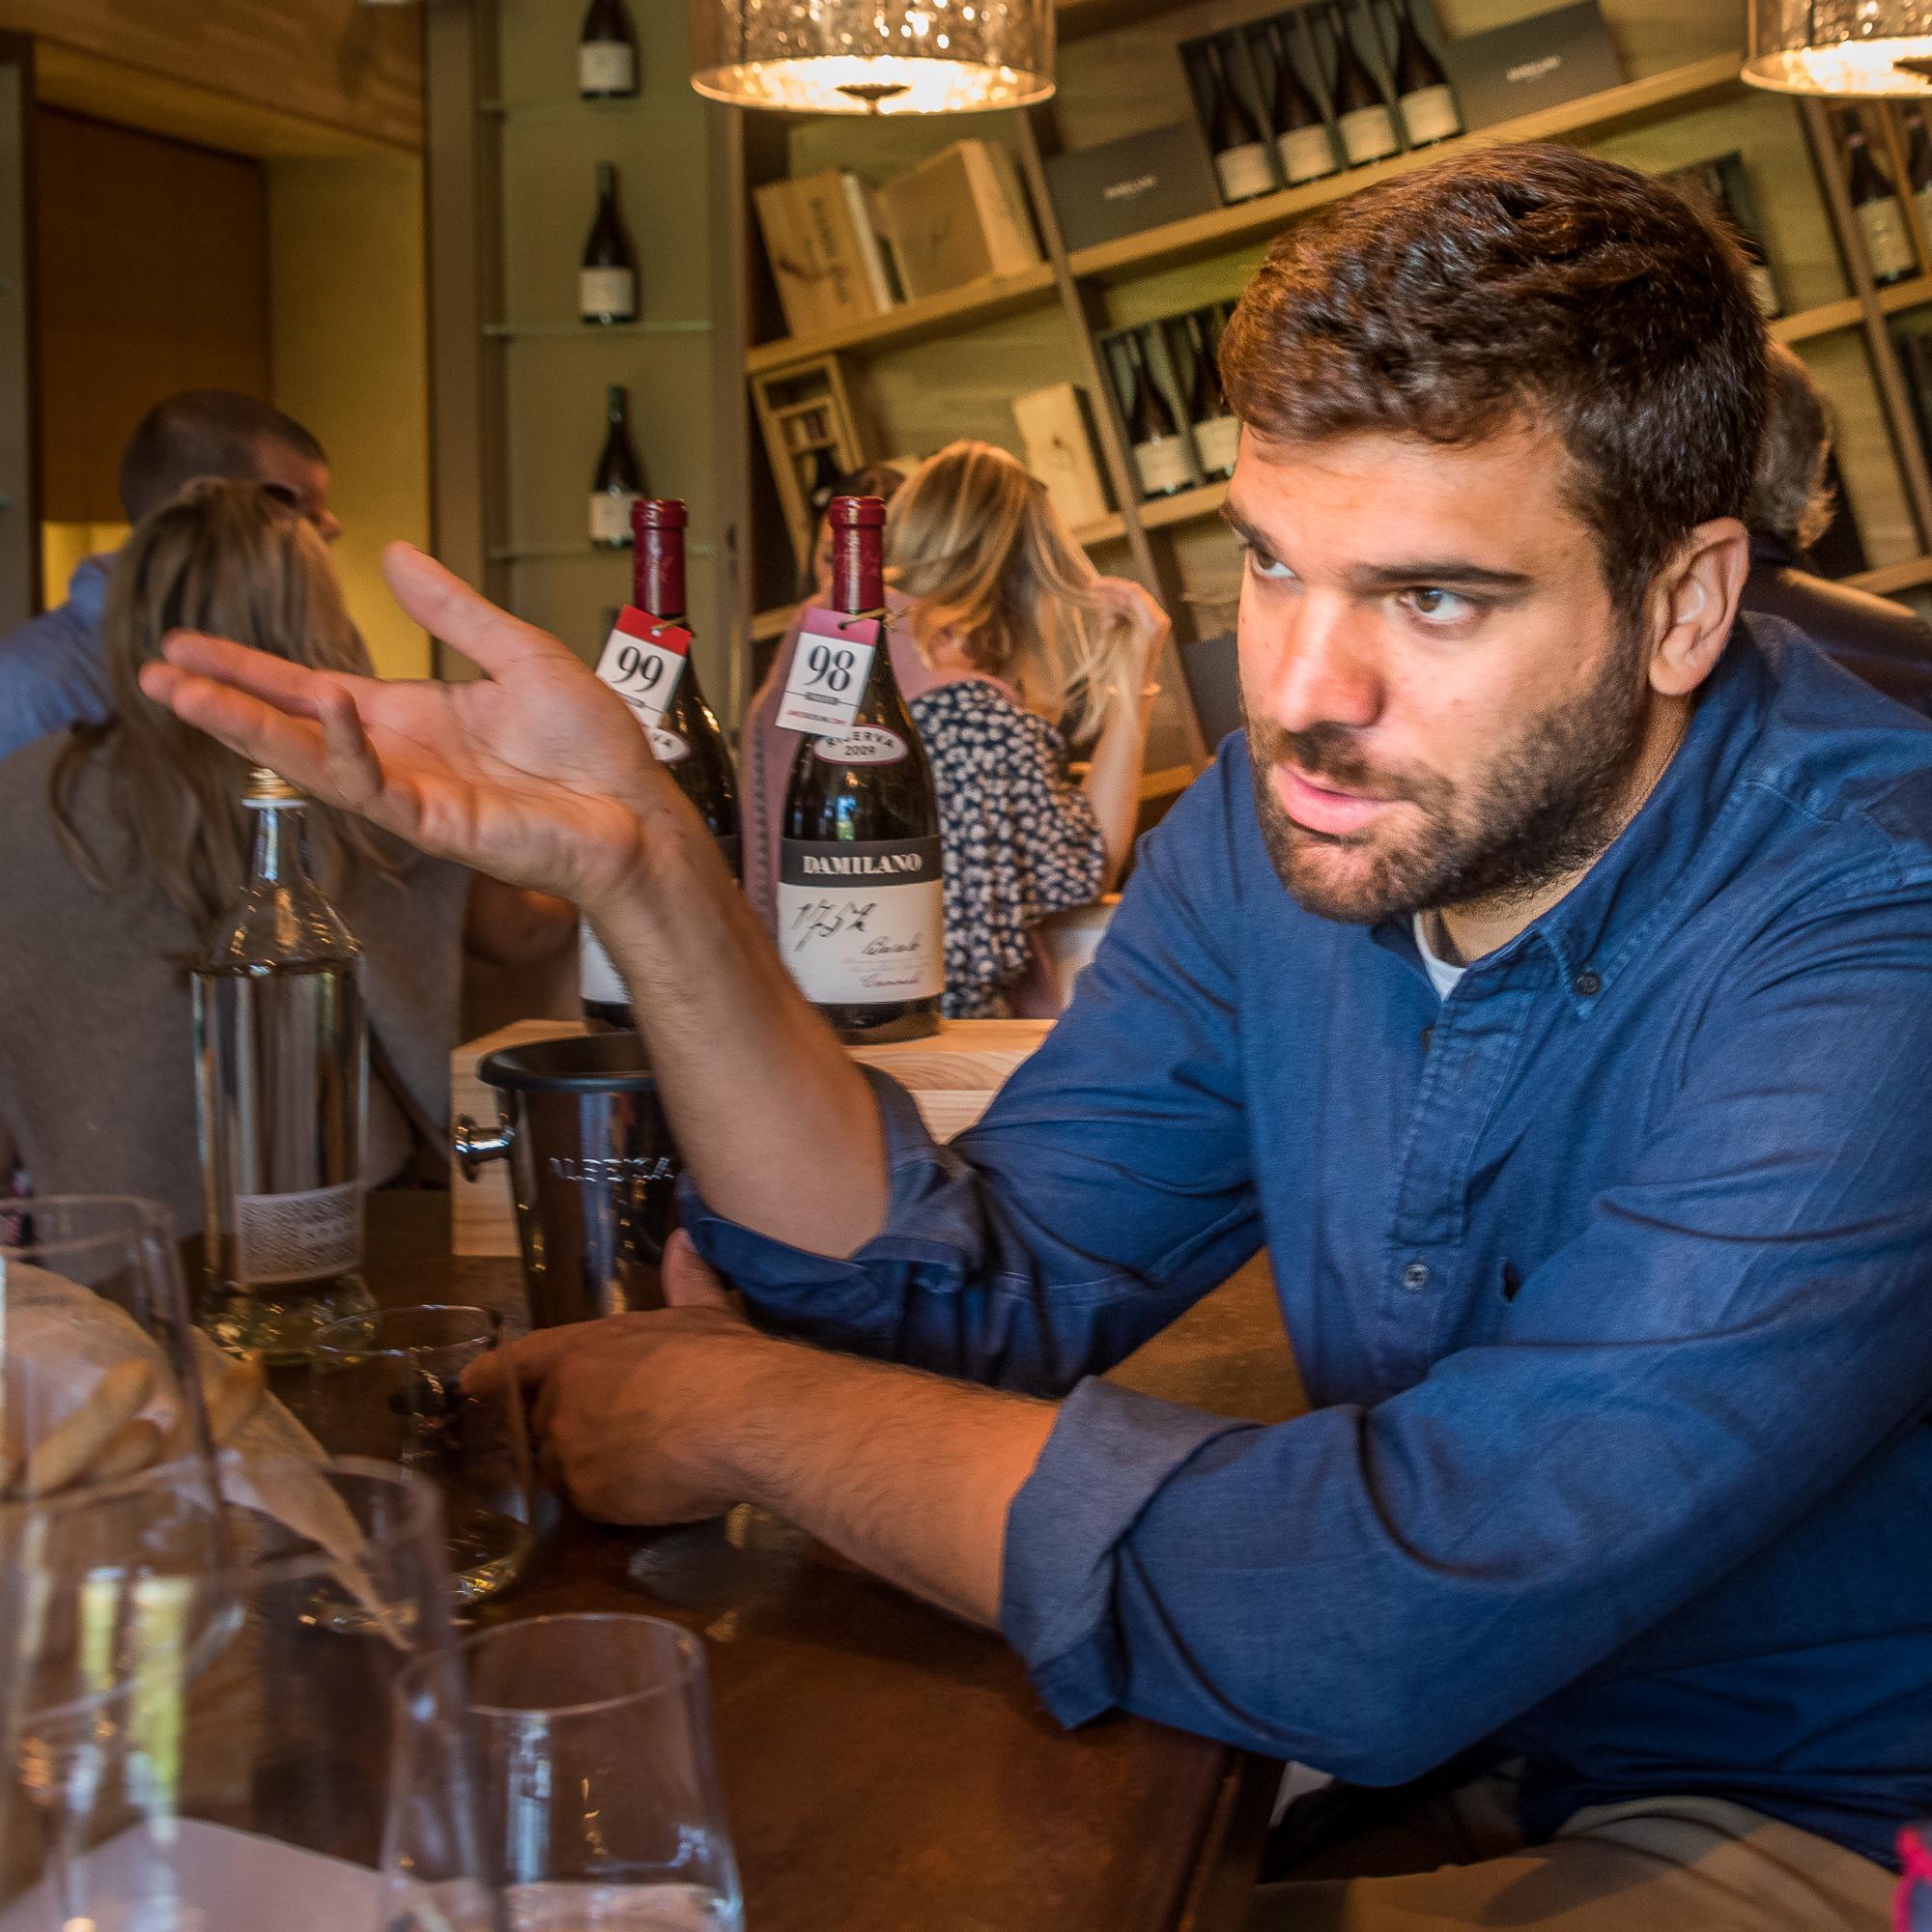 Our wine guide for the day, Matteo Montegazza